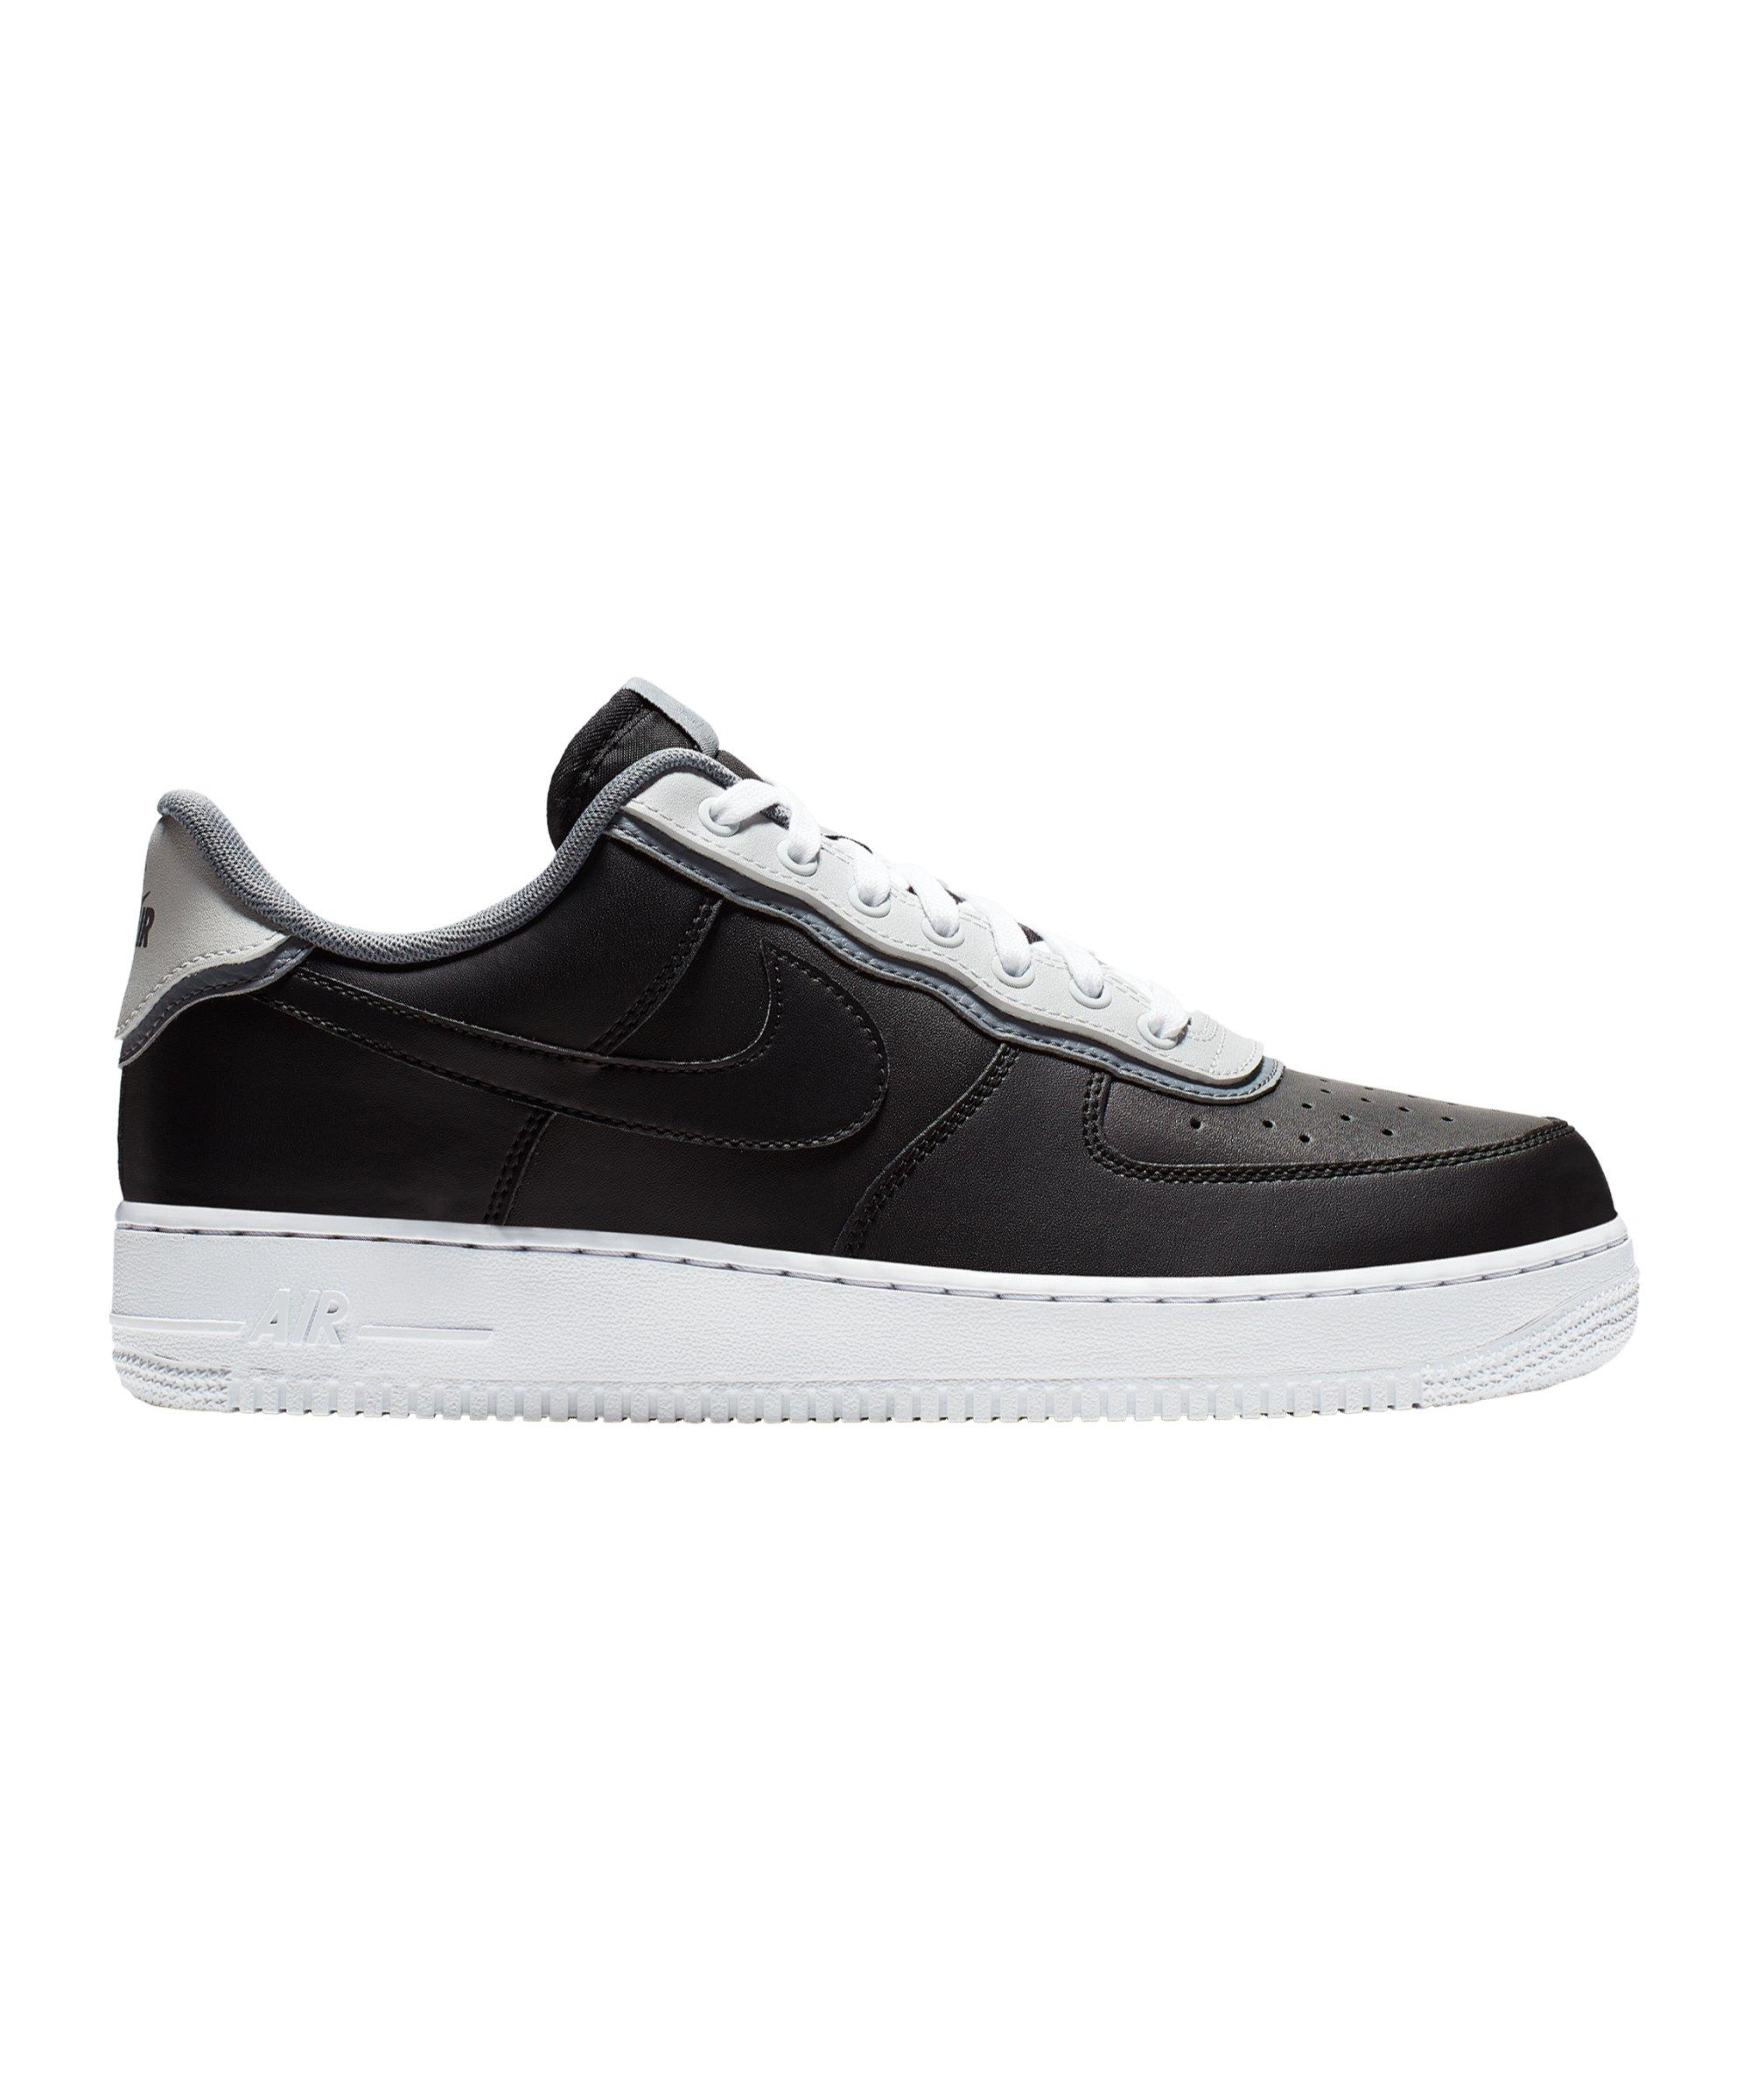 newest 68077 ceaf7 Nike Air Force 1 07 LV8 Sneaker Schwarz Grau F002 - Schwarz